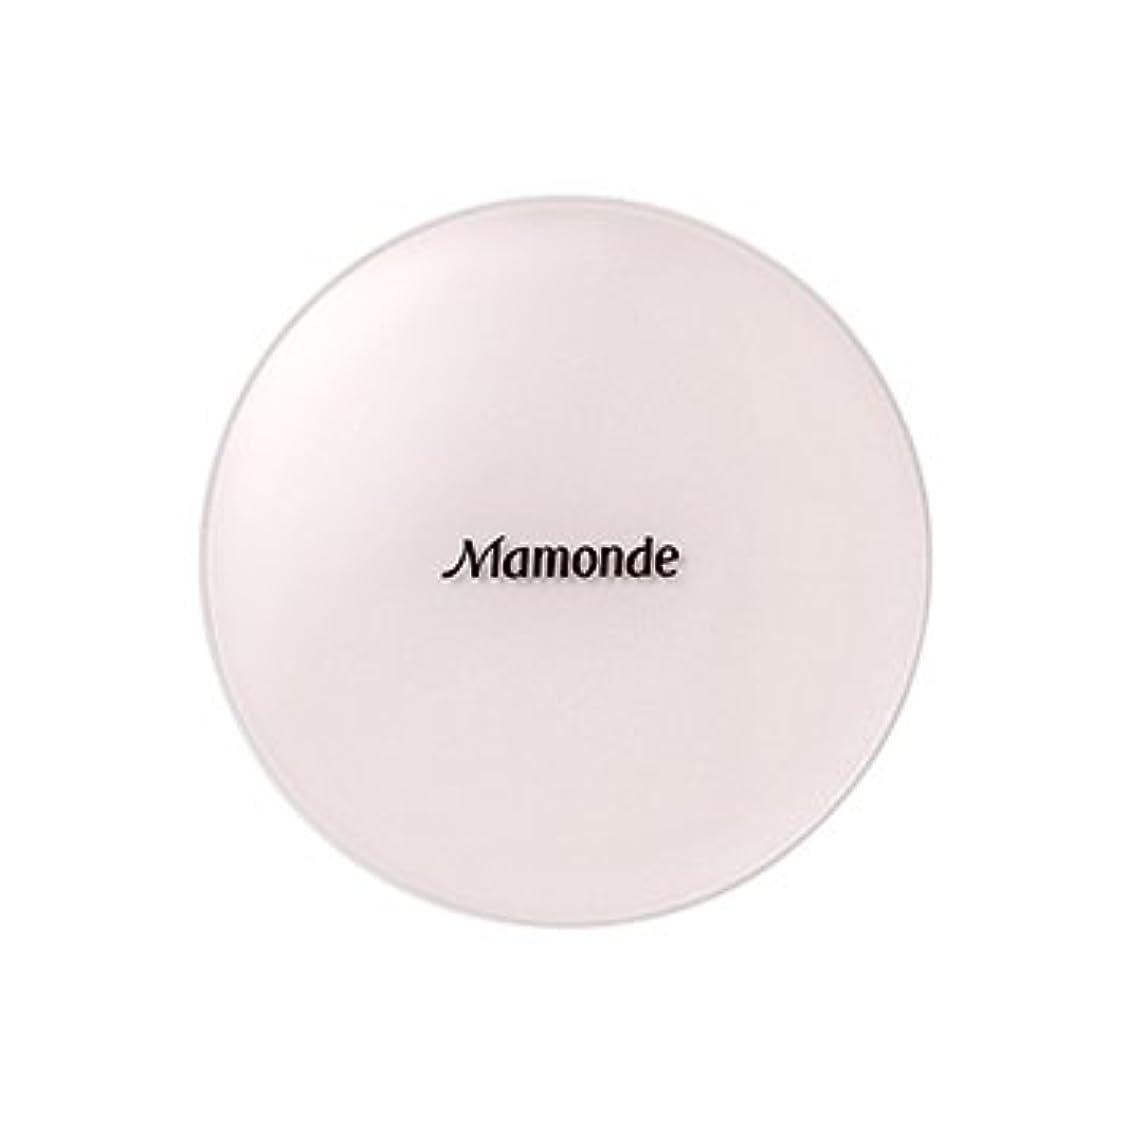 質素な低下マーチャンダイジング[New] Mamonde Brightening Cover Ampoule Cushion 15g/マモンド ブライトニング カバー アンプル クッション 15g (#21N Medium Beige) [並行輸入品]